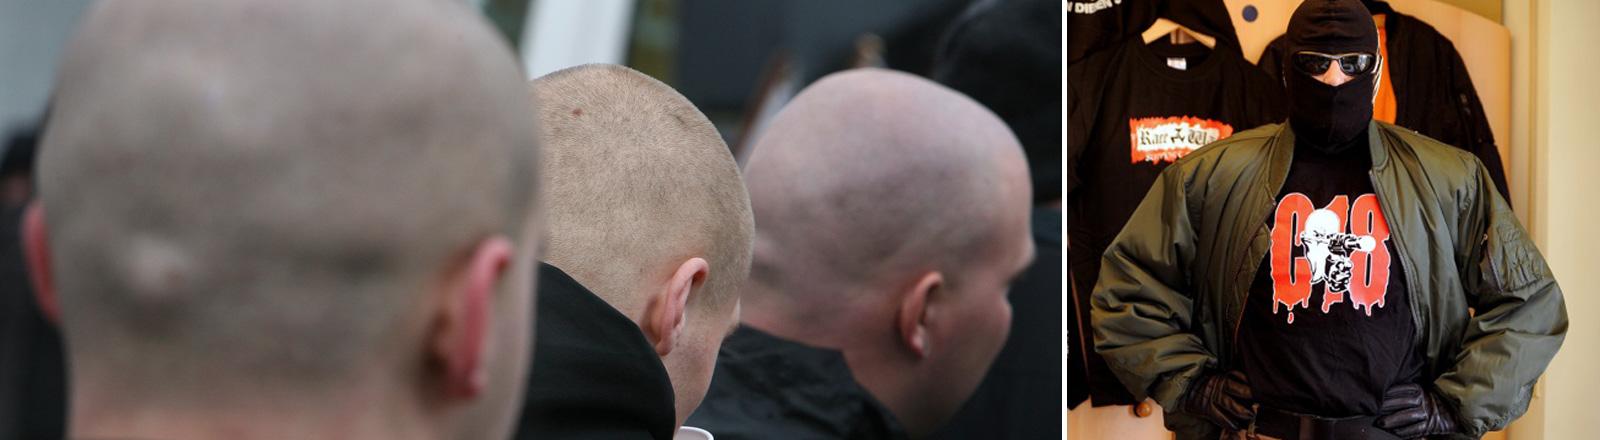 Naziglatzen von hinten und ein Bild von Thomas Kuban in Naziverkleidung.